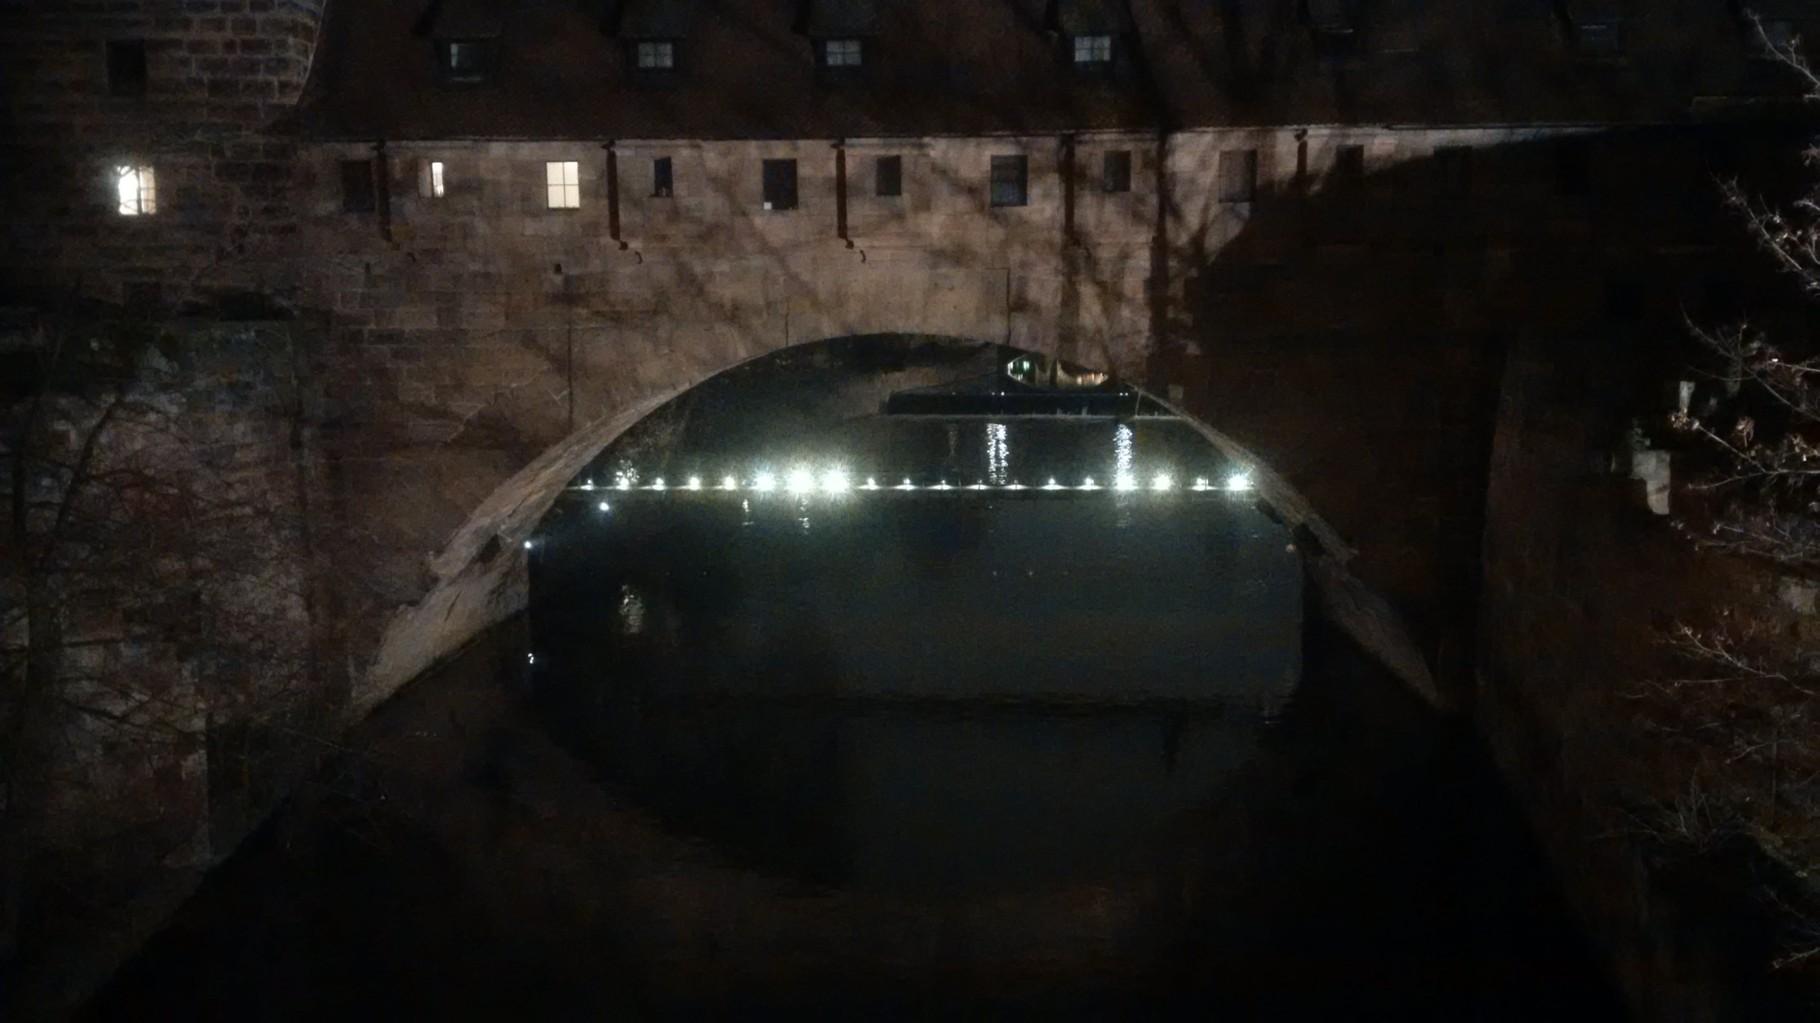 nächtliche Illumination